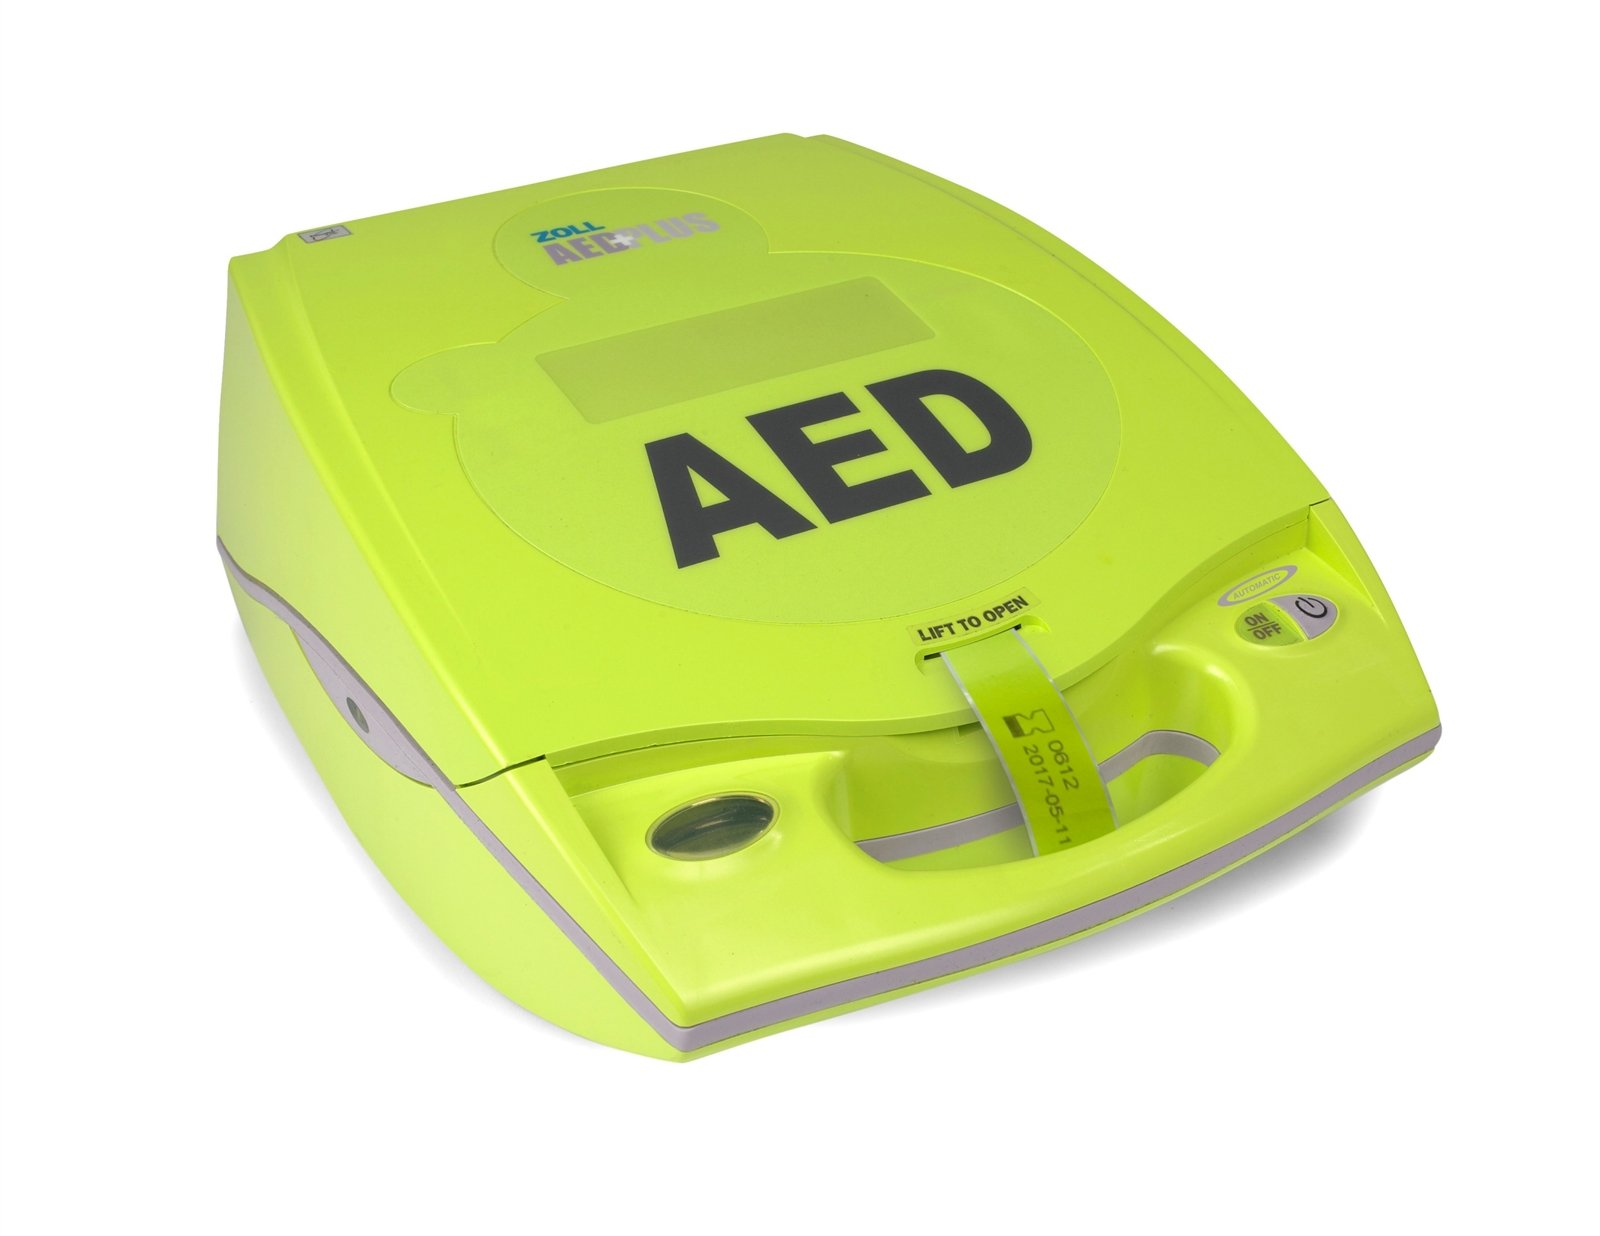 ZOLL AED PLUS defibrillaattori ja varaosat